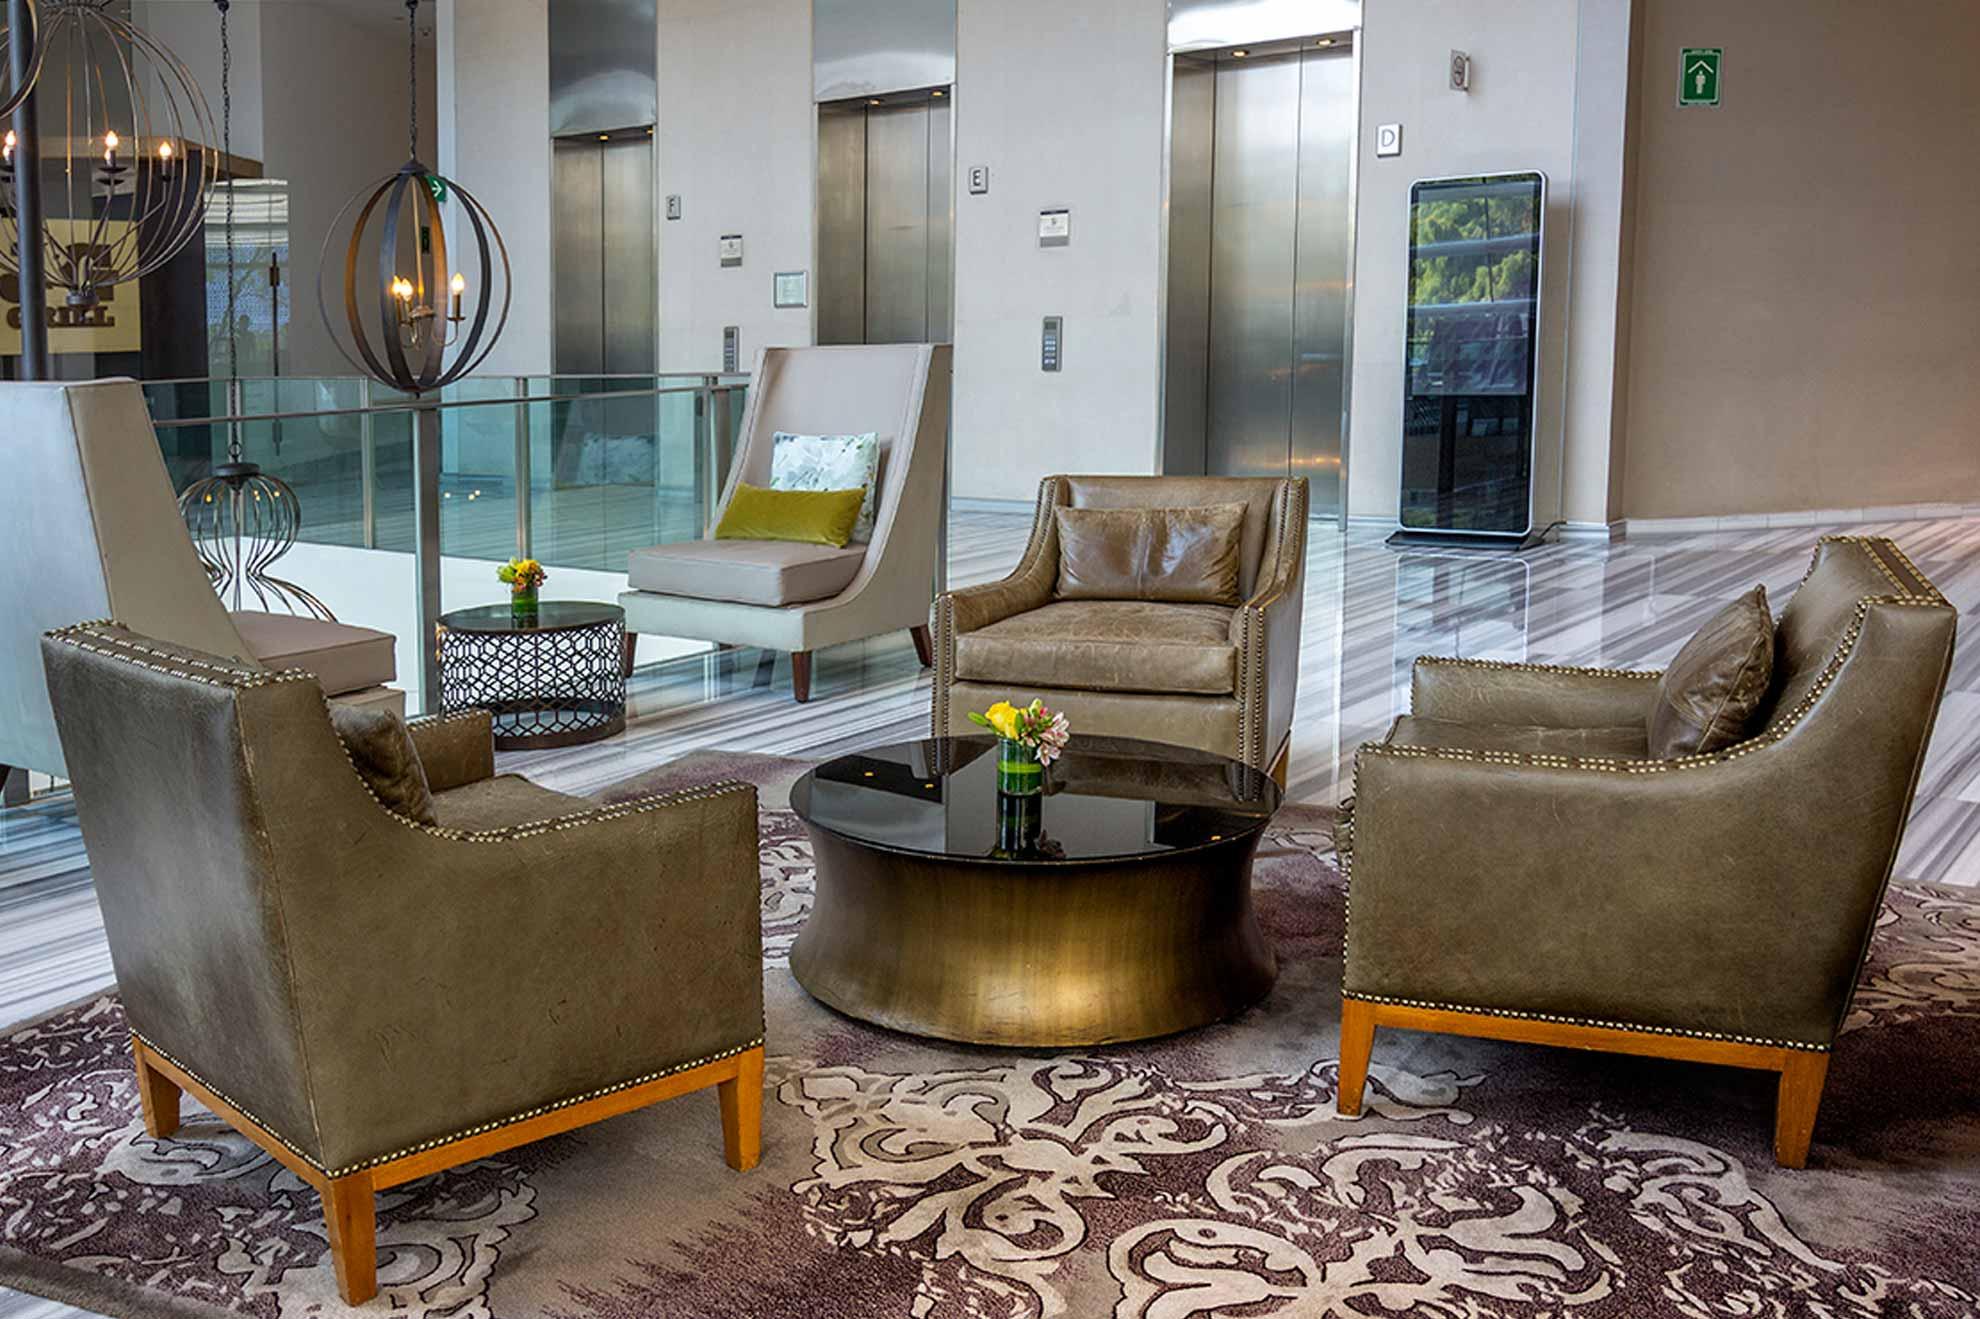 Sillones de cuero color verde olivo con detalle de tachuelas y patas de roble, tres piezas que adornan el salon de te Damman en Glass House St. Regis.